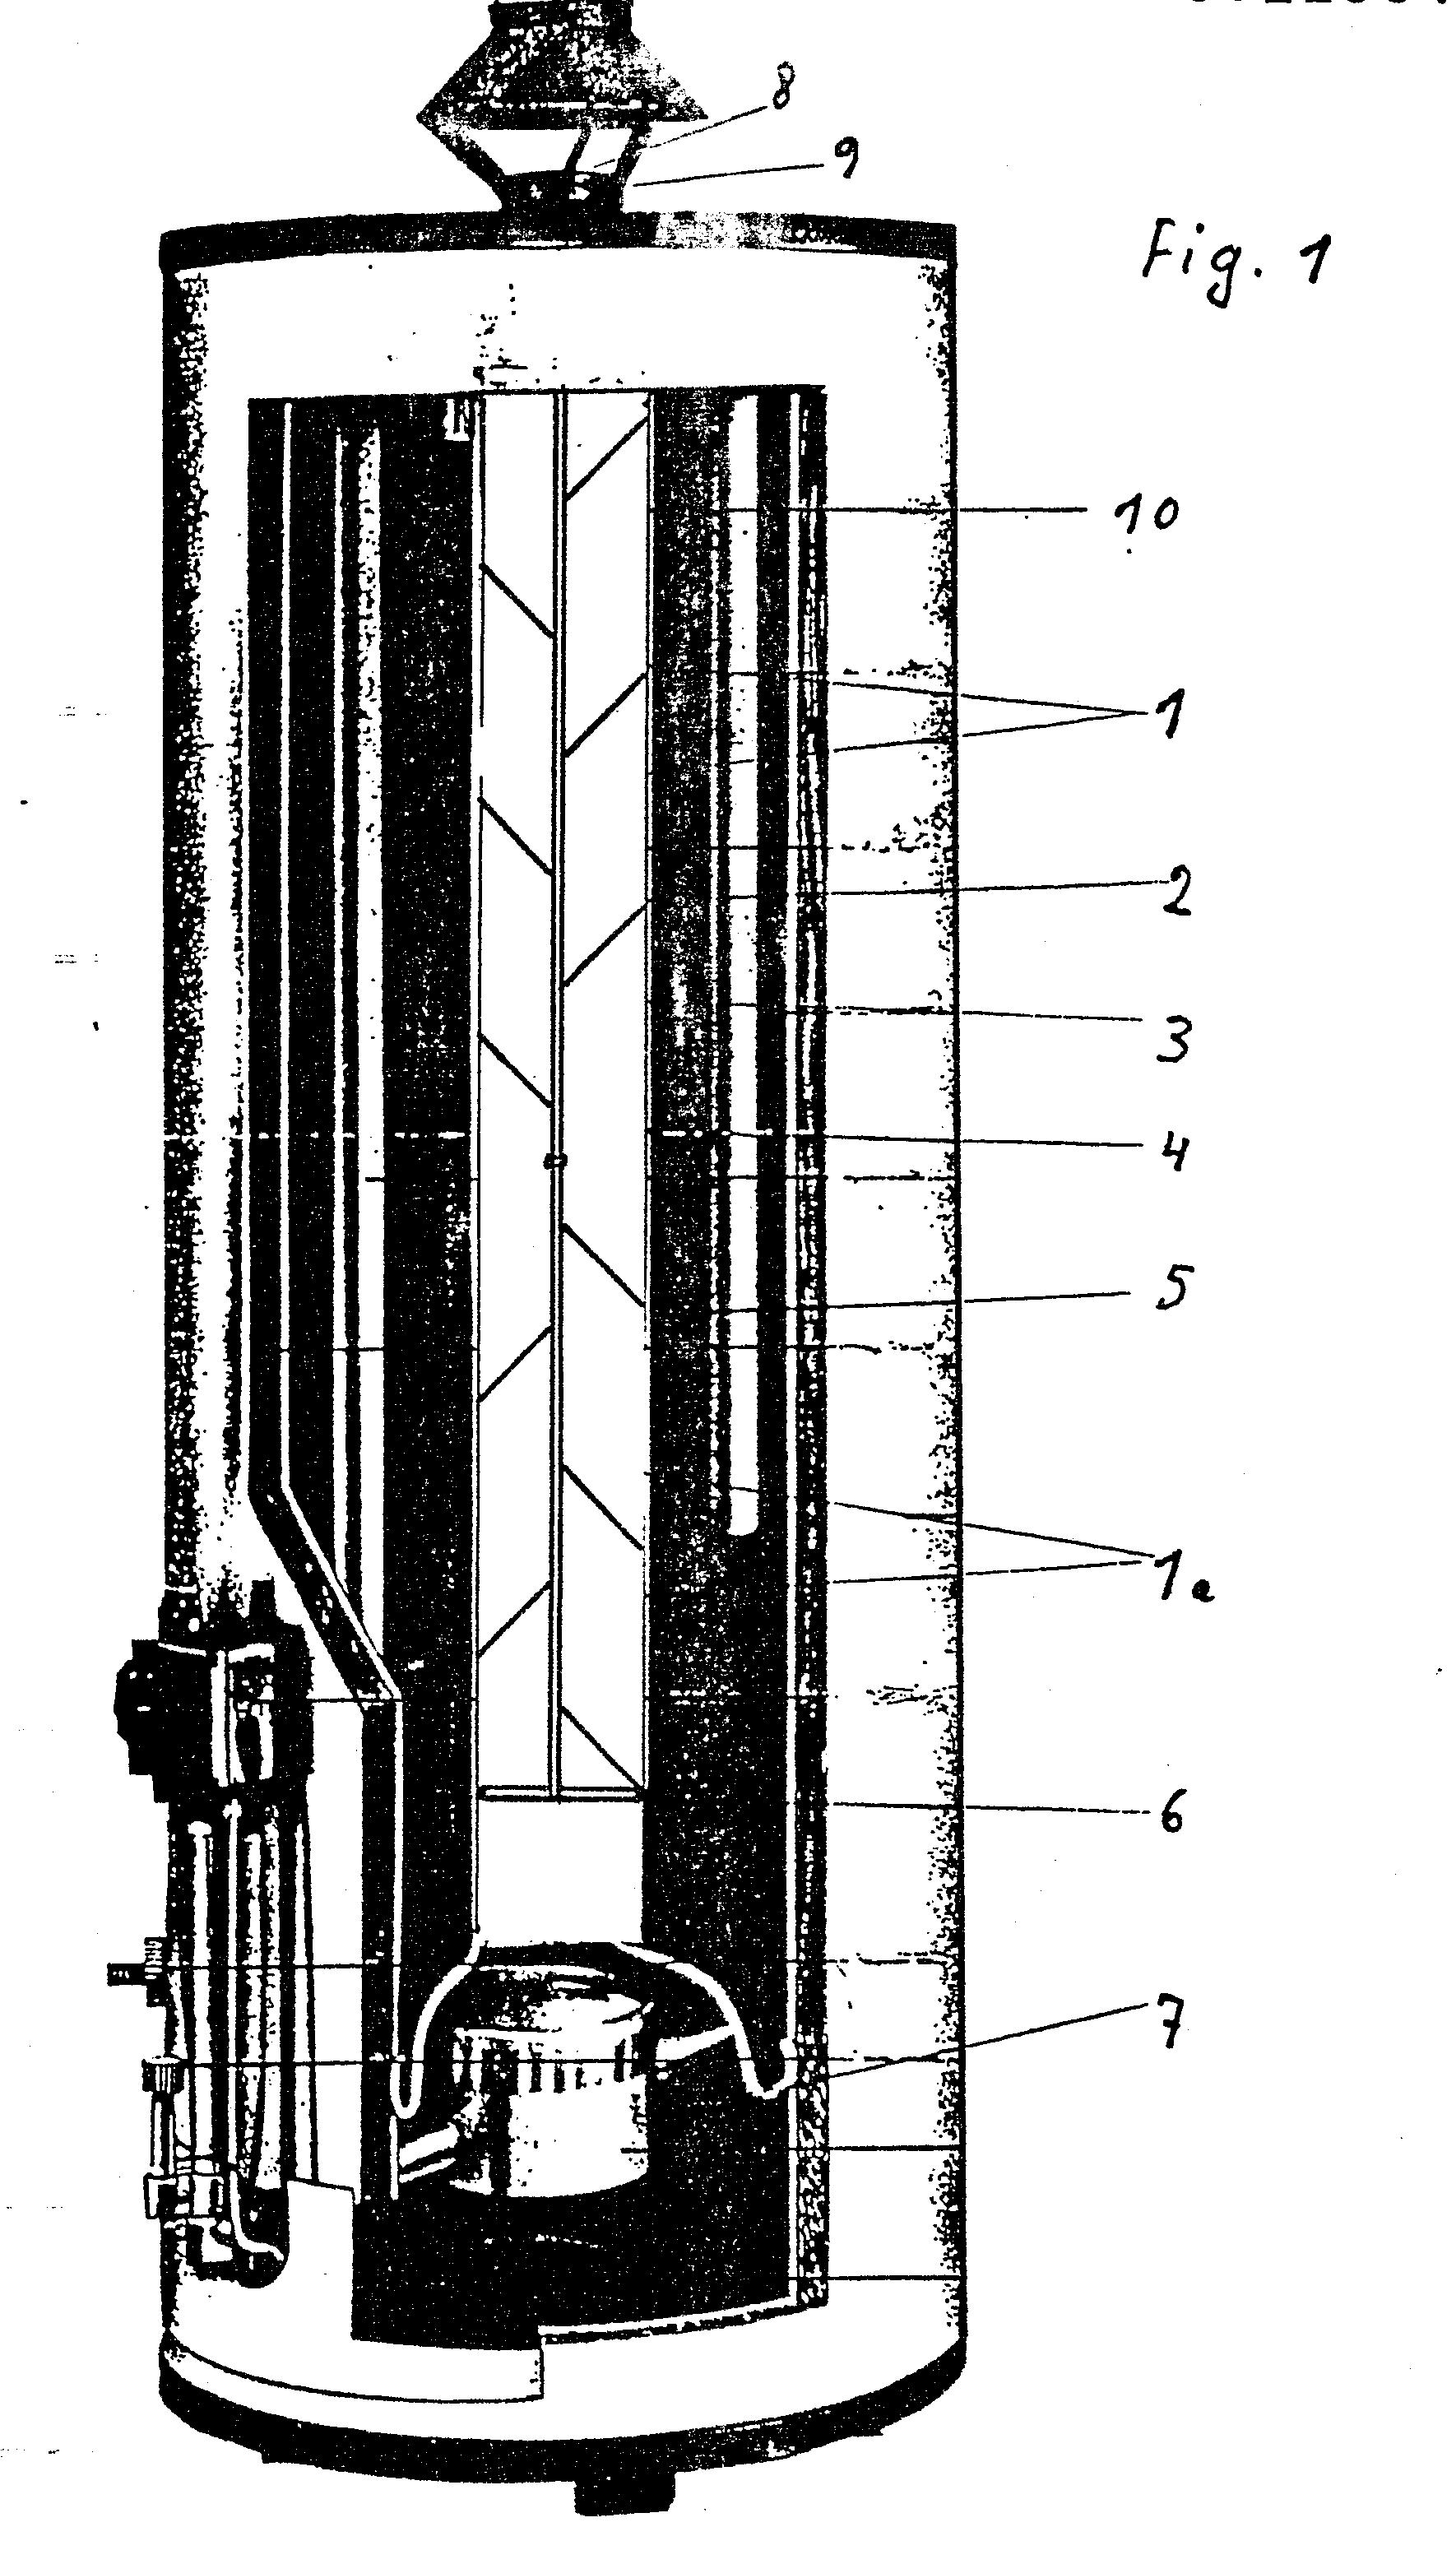 Großzügig Warmwasserspeicher System Diagramm Galerie ...